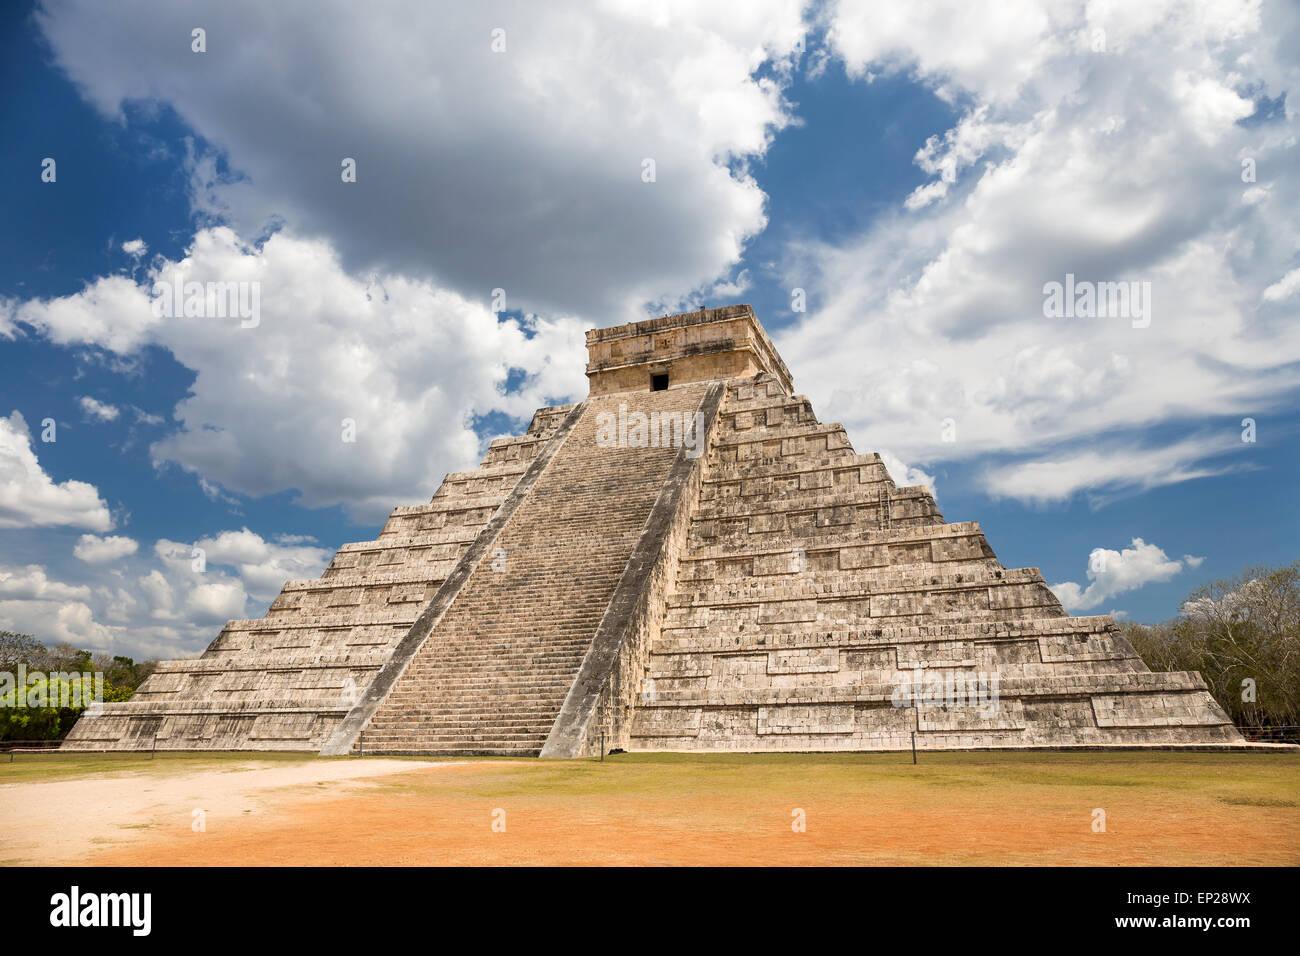 El Castillo (Kukulkan tempio) di Chichen Itza, piramide Maya nello Yucatan, Messico Foto Stock